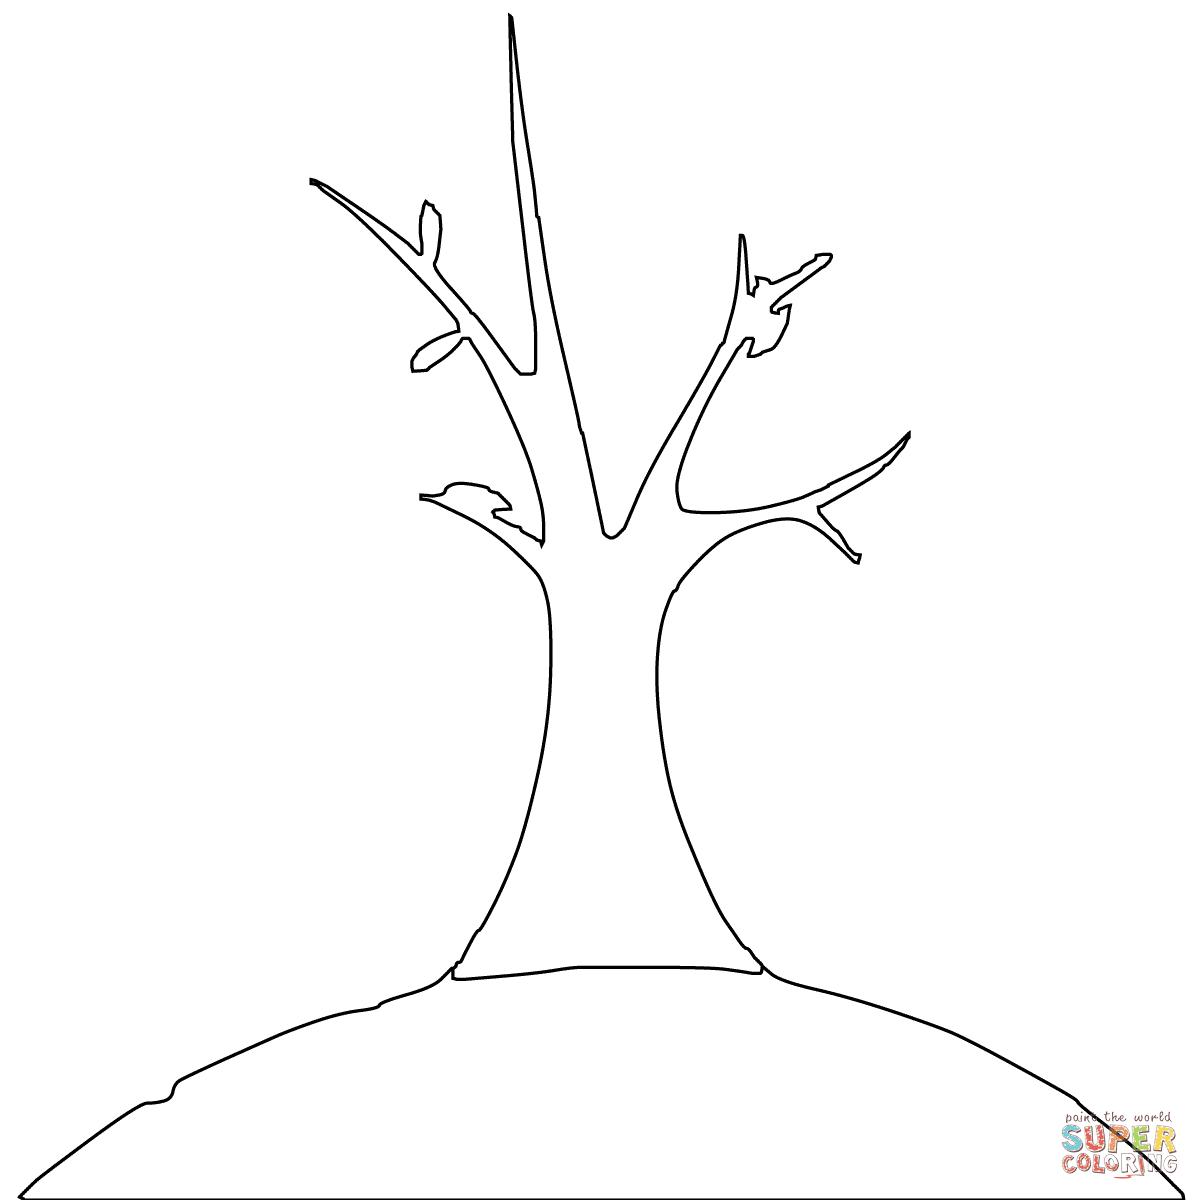 Dibujo De Esquema De árbol Muerto Para Colorear Dibujos Para